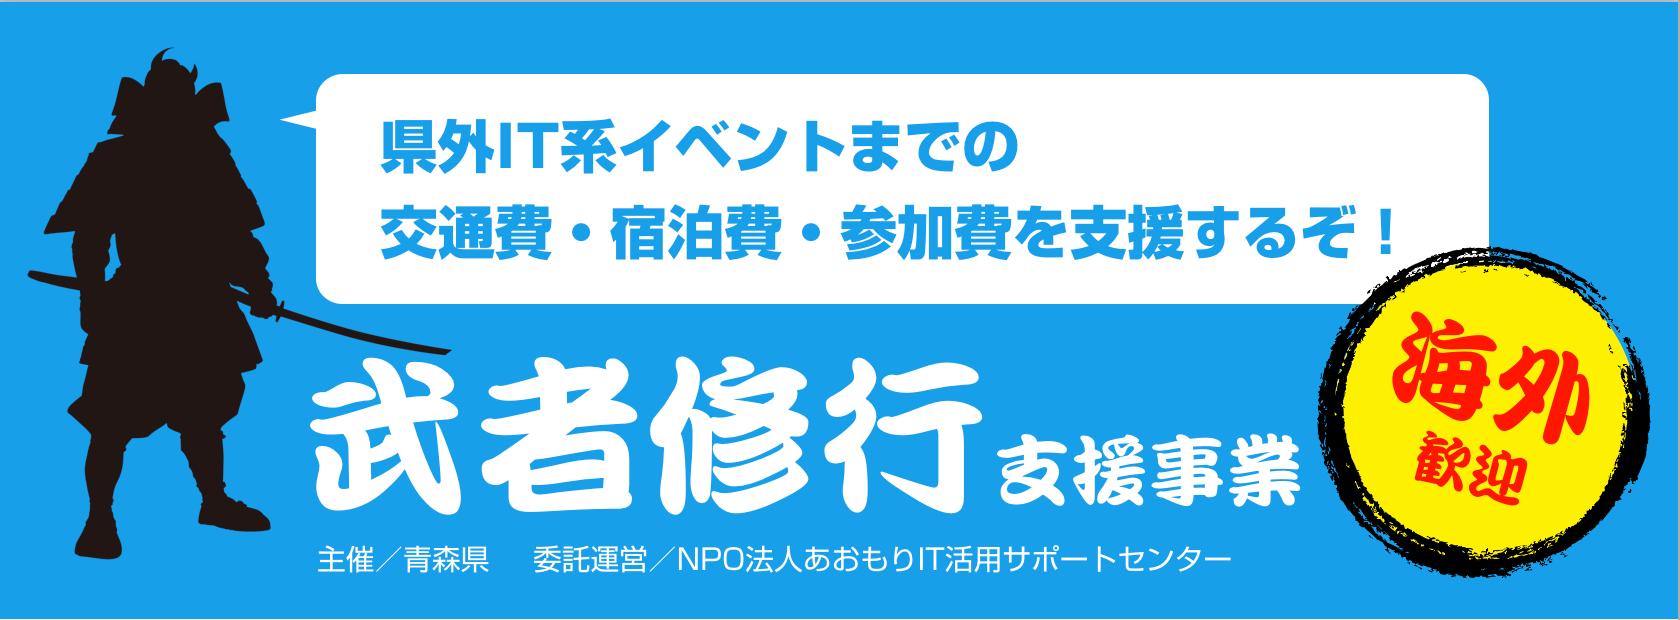 【今年もやります】いざ武者修行へ!青森県外へのイベント参加費等を支援します!